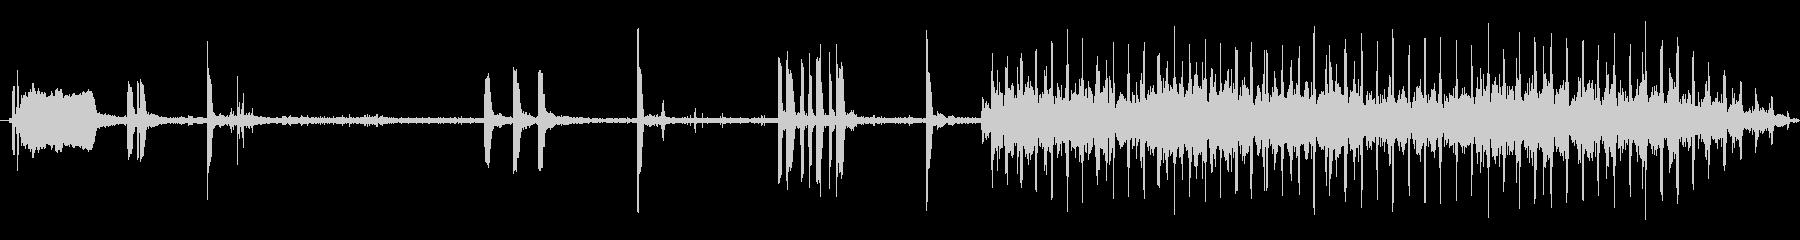 コピーを作るカラーレーザー複写機の未再生の波形